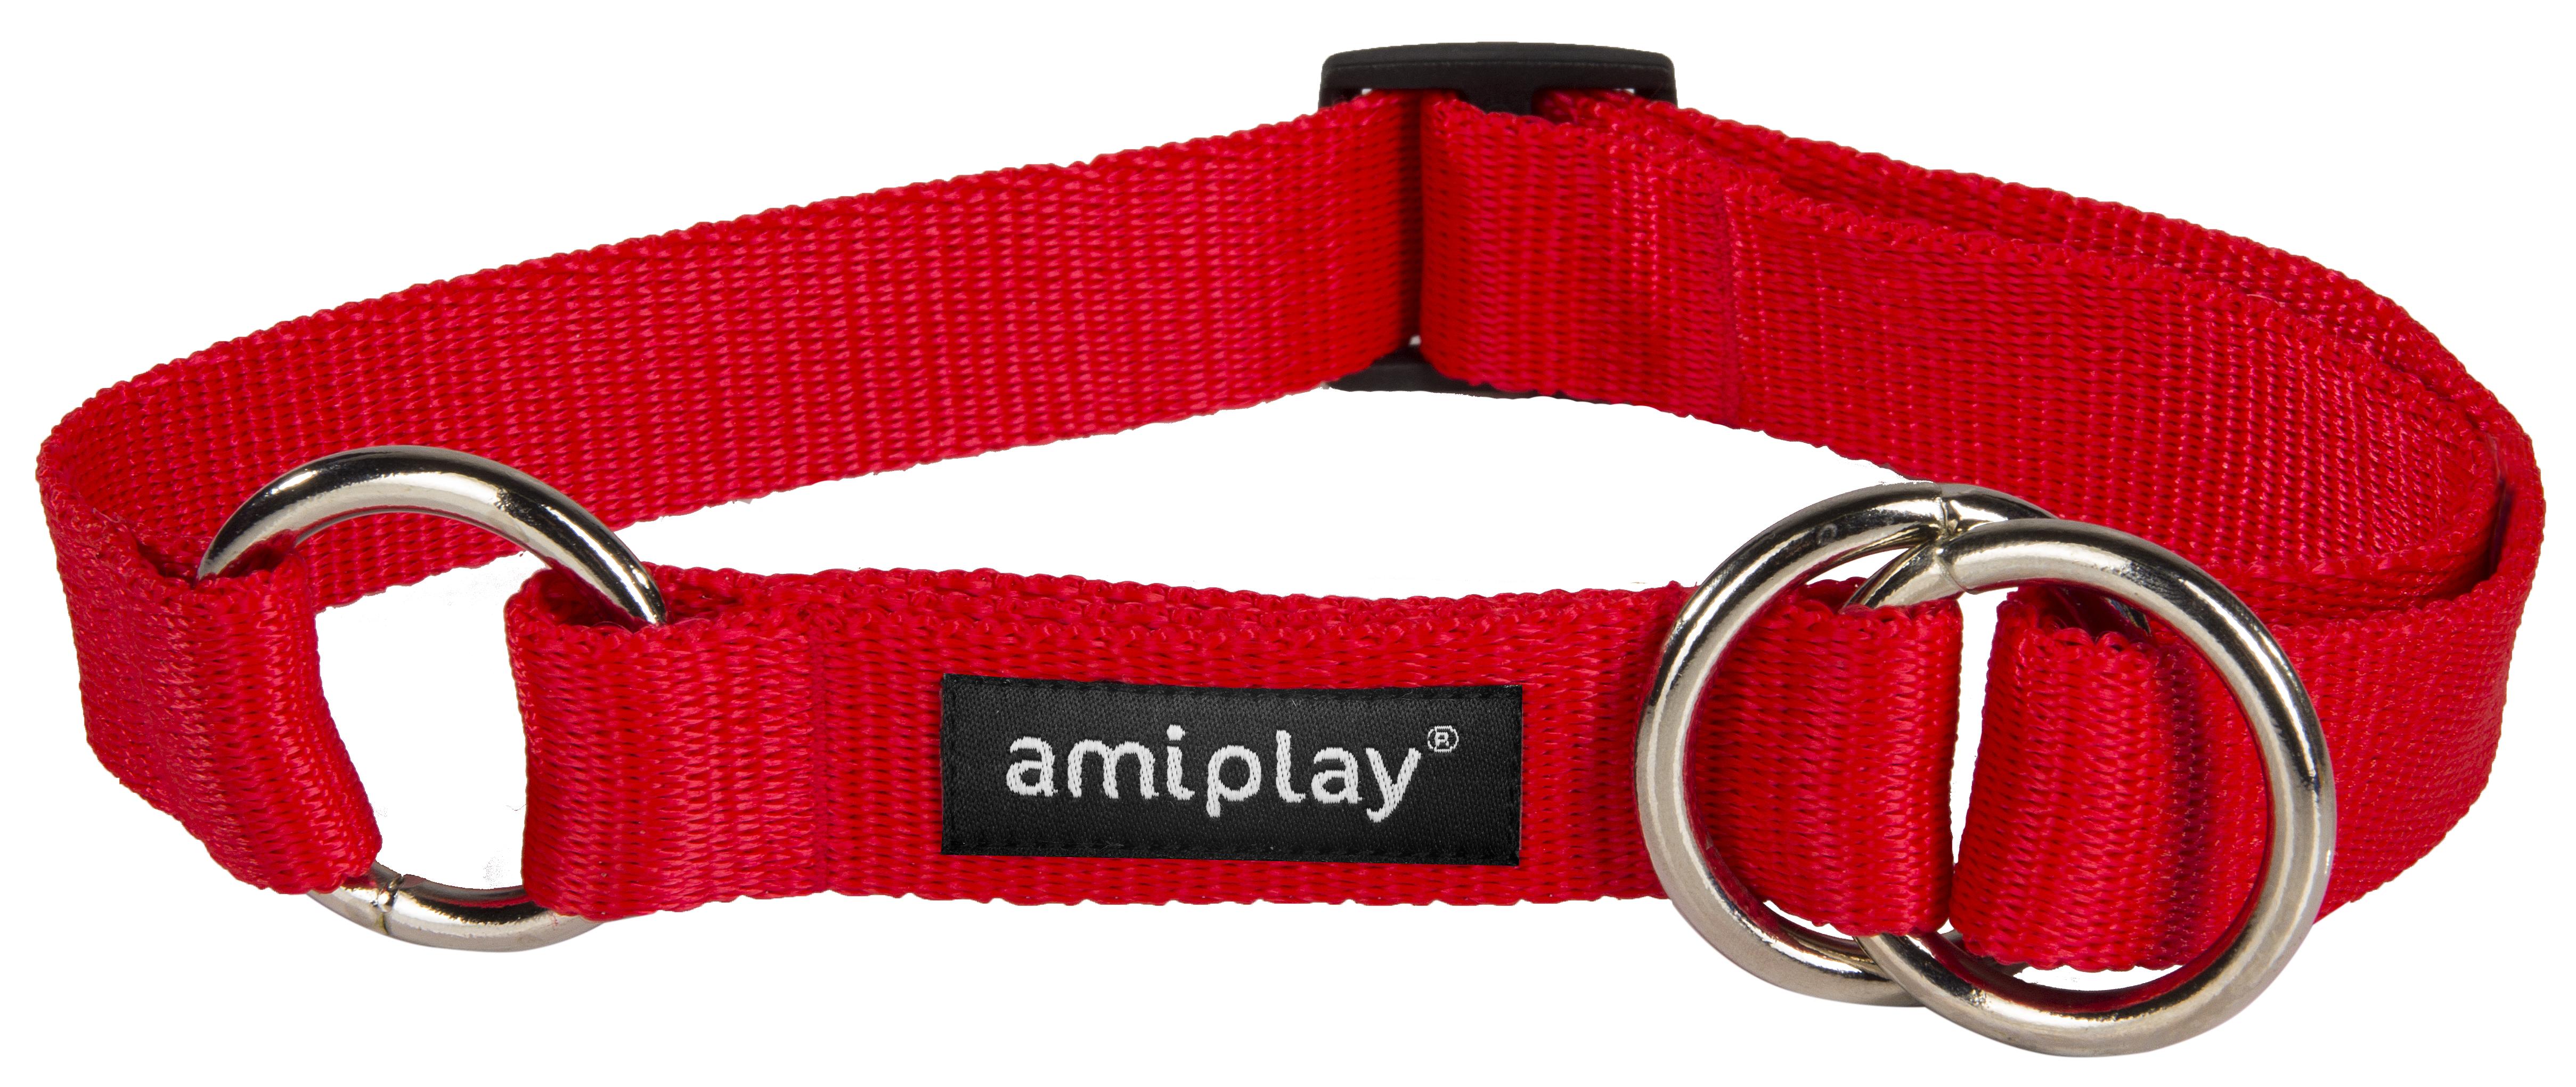 Obojek pro psa polostahovací nylonový - červený - 2,5 x 34 - 55 cm